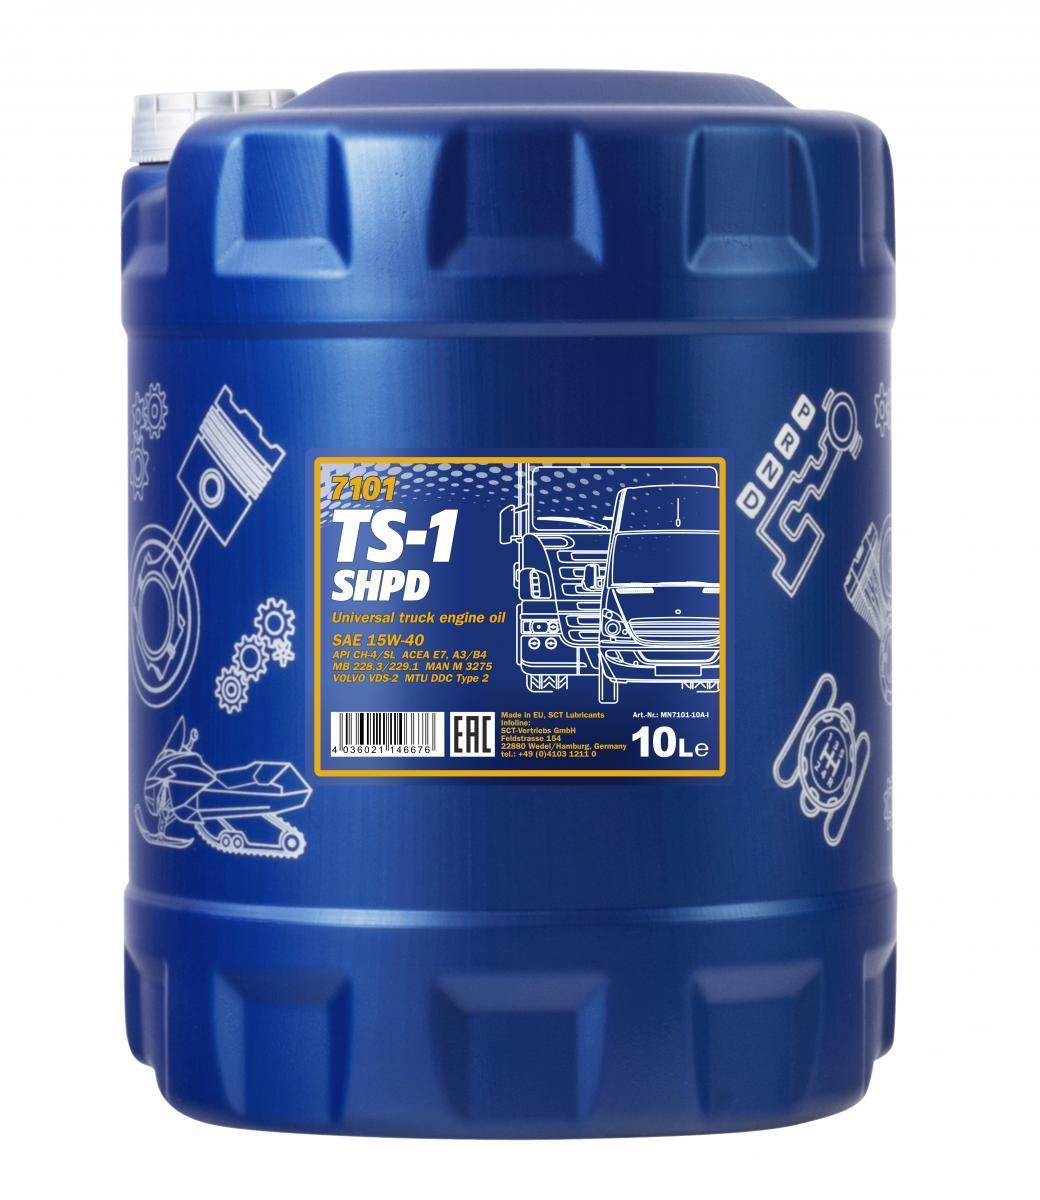 MN7101-10 MANNOL TS-1, SHPD 15W-40, 10l, Mineralöl Motoröl MN7101-10 günstig kaufen